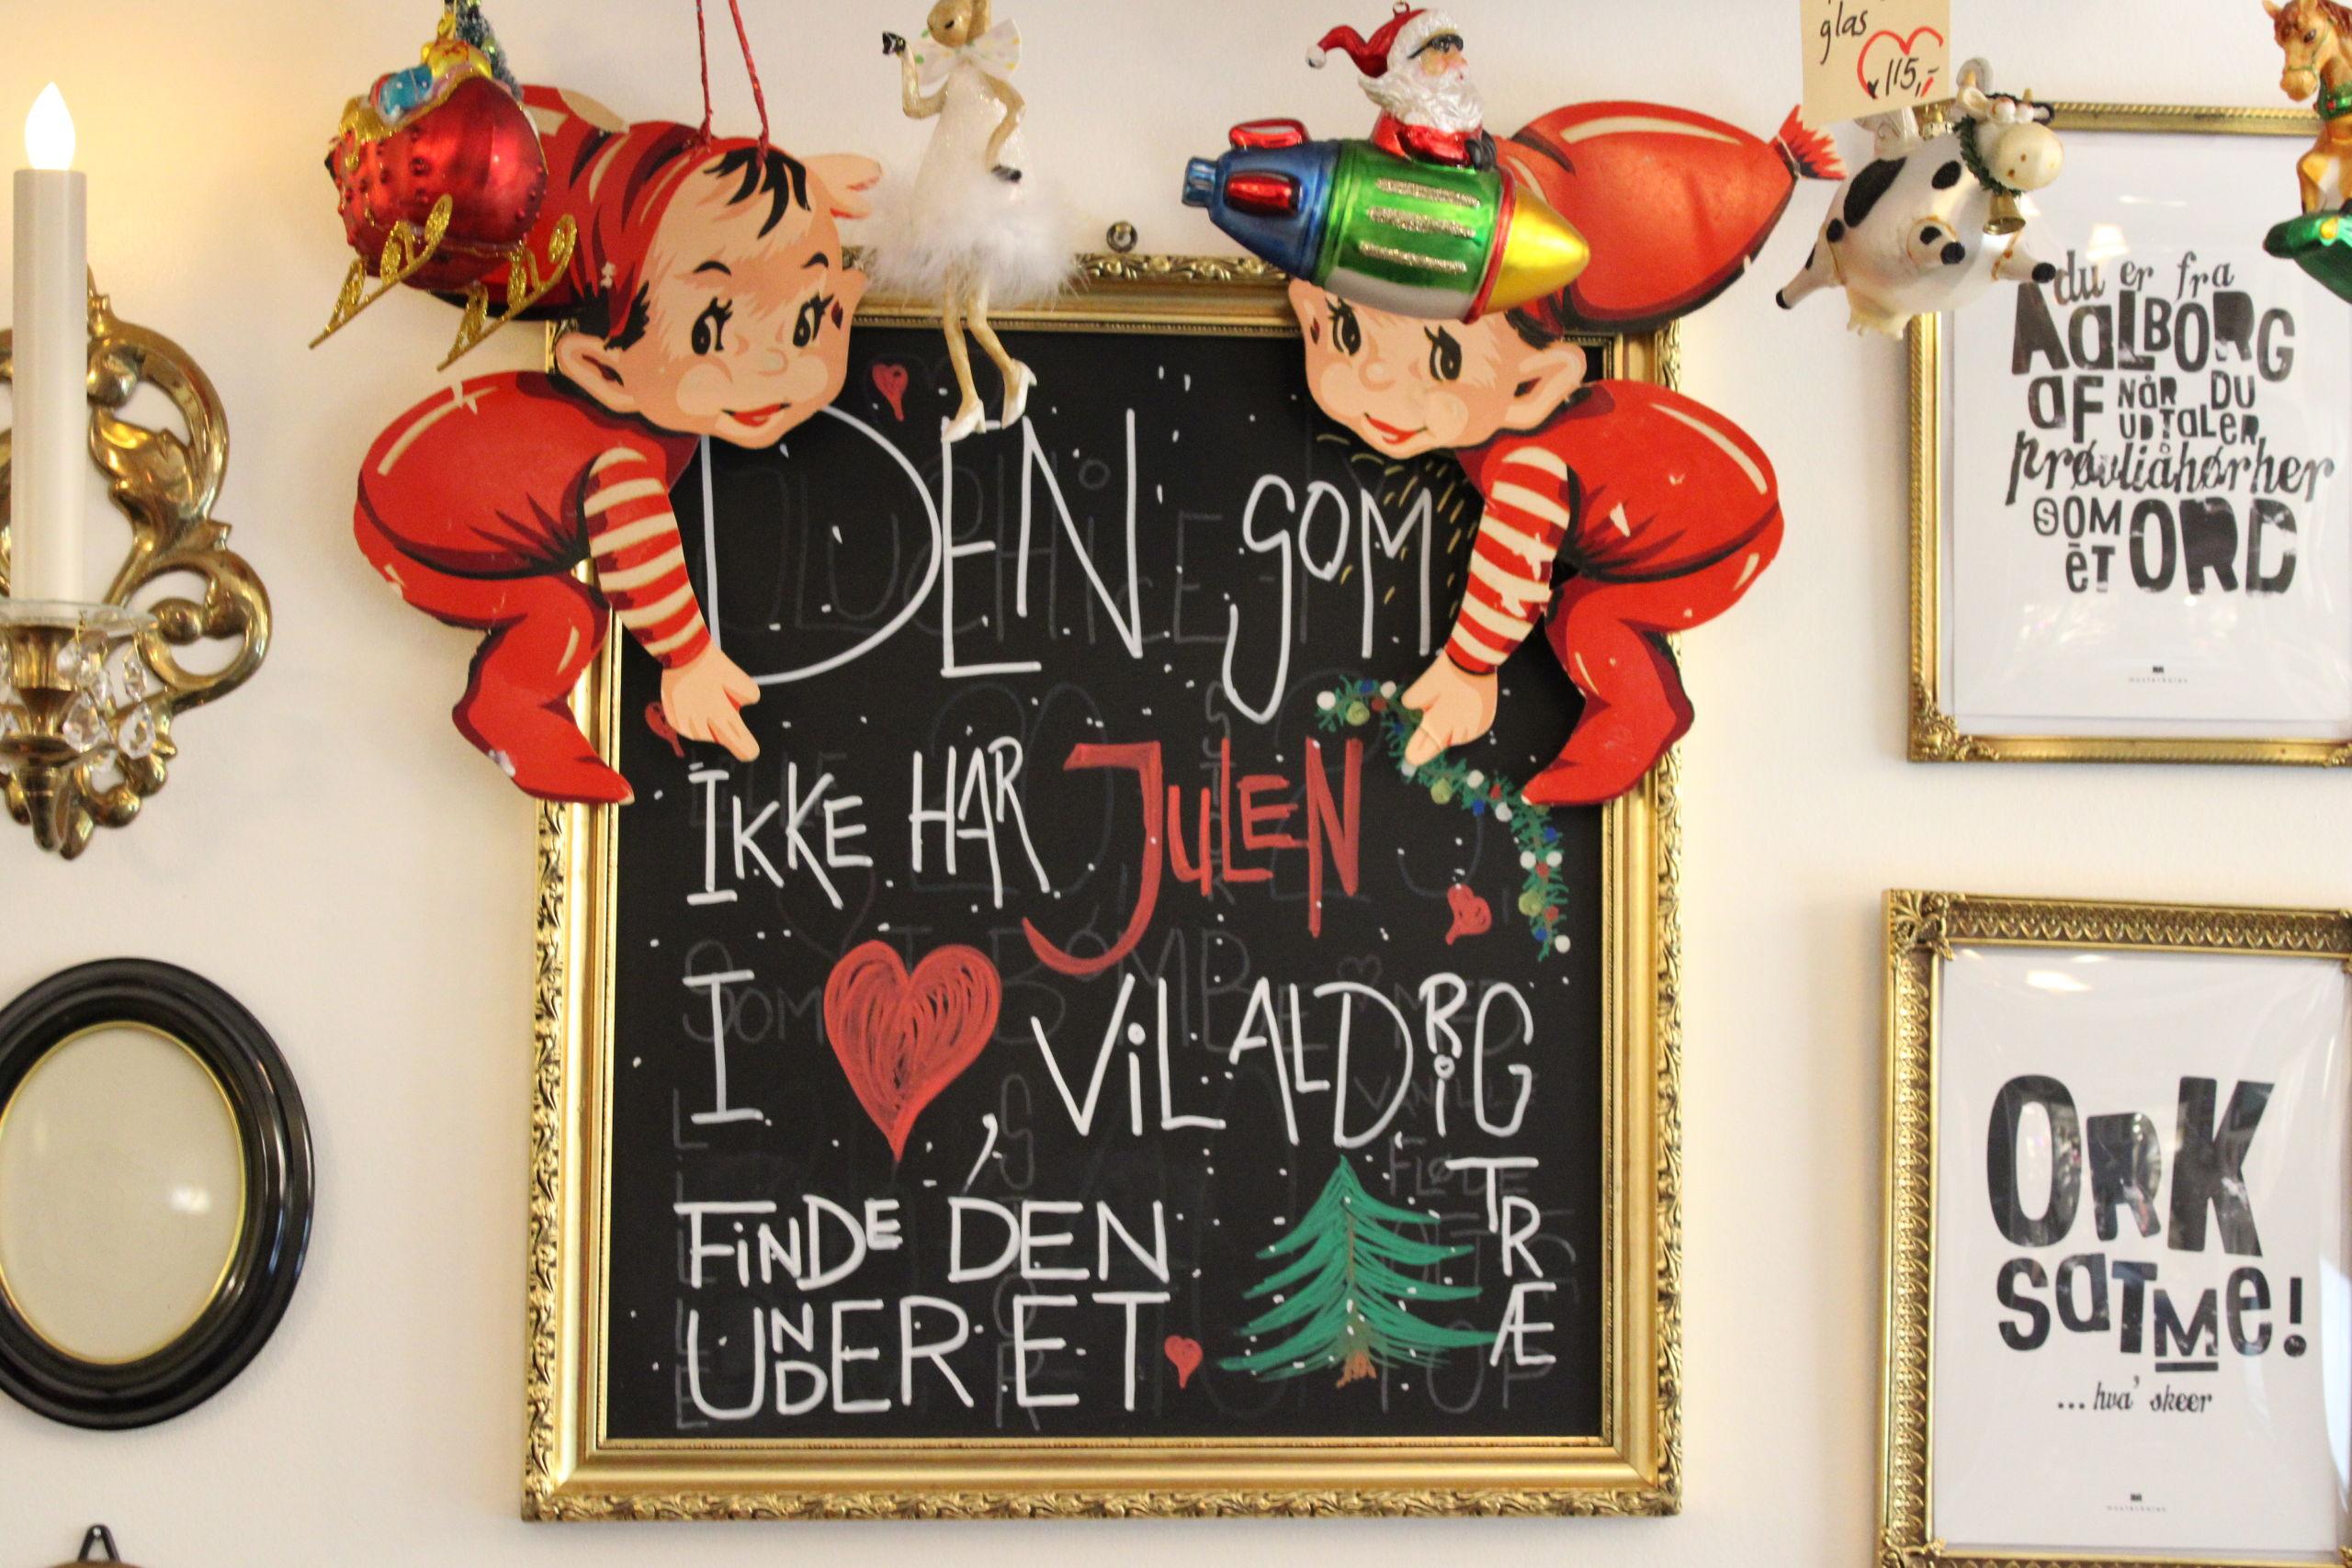 Der er mange steder i Aalborg, der byder på drikkevarer at varme sig på i juletiden. Foto: Pauline Vink